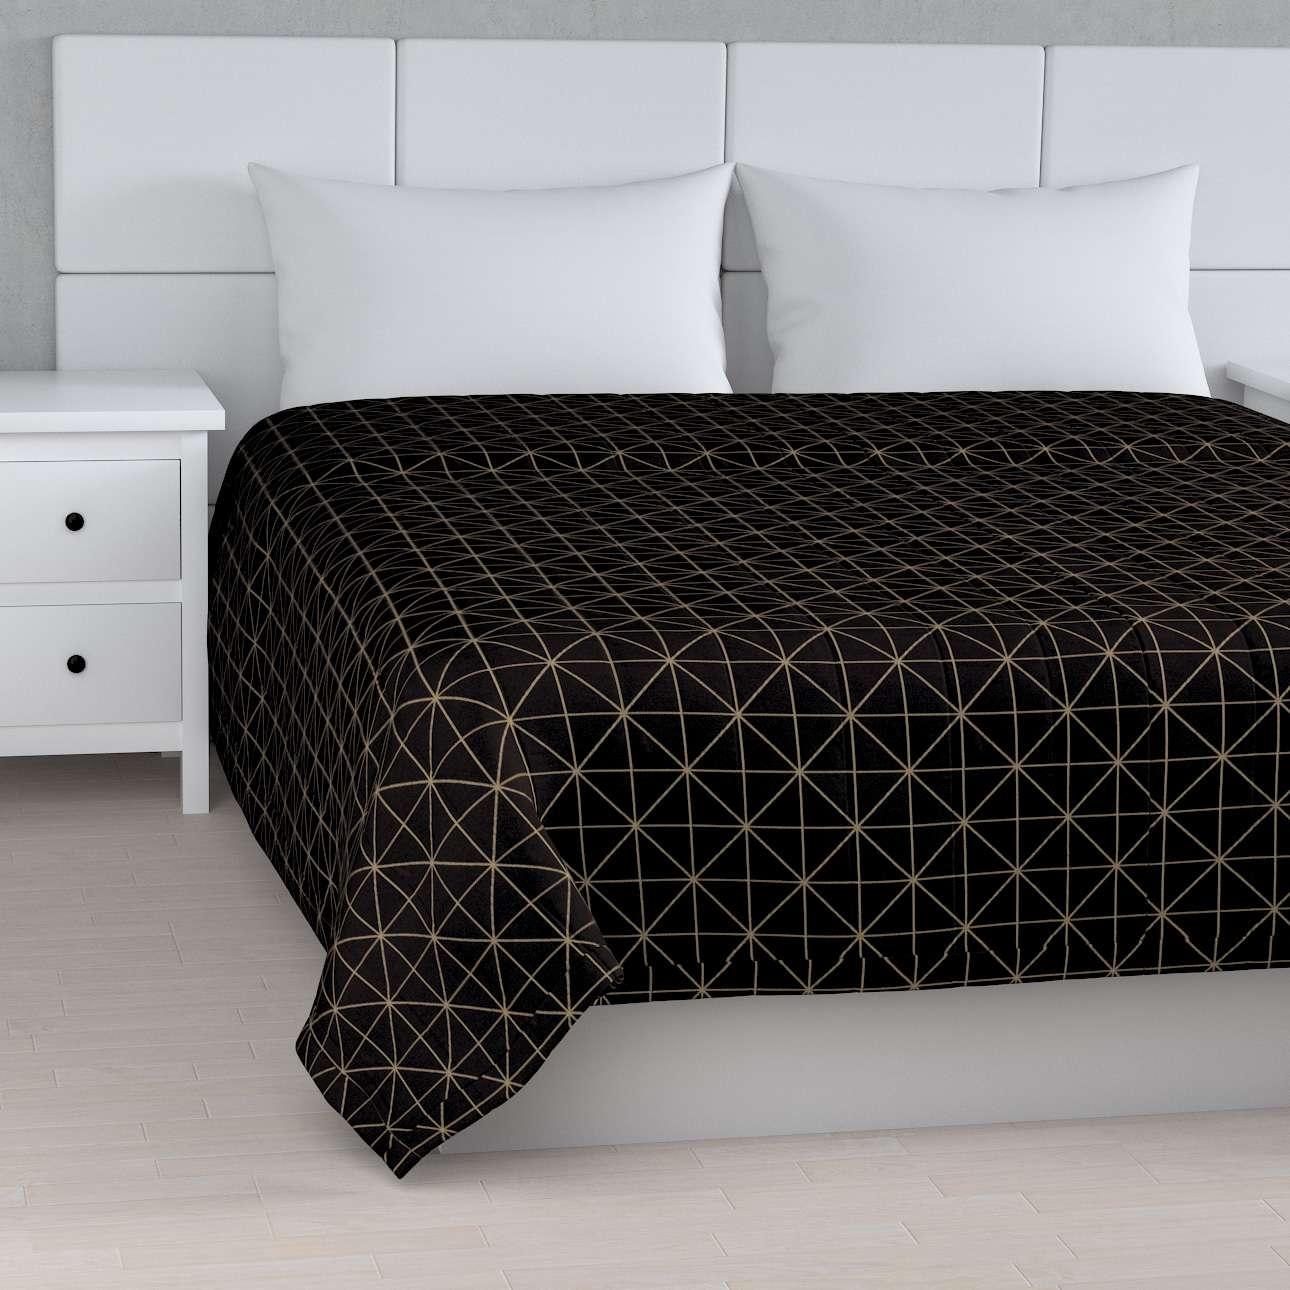 Narzuta pikowana w pasy w kolekcji Black & White, tkanina: 142-55